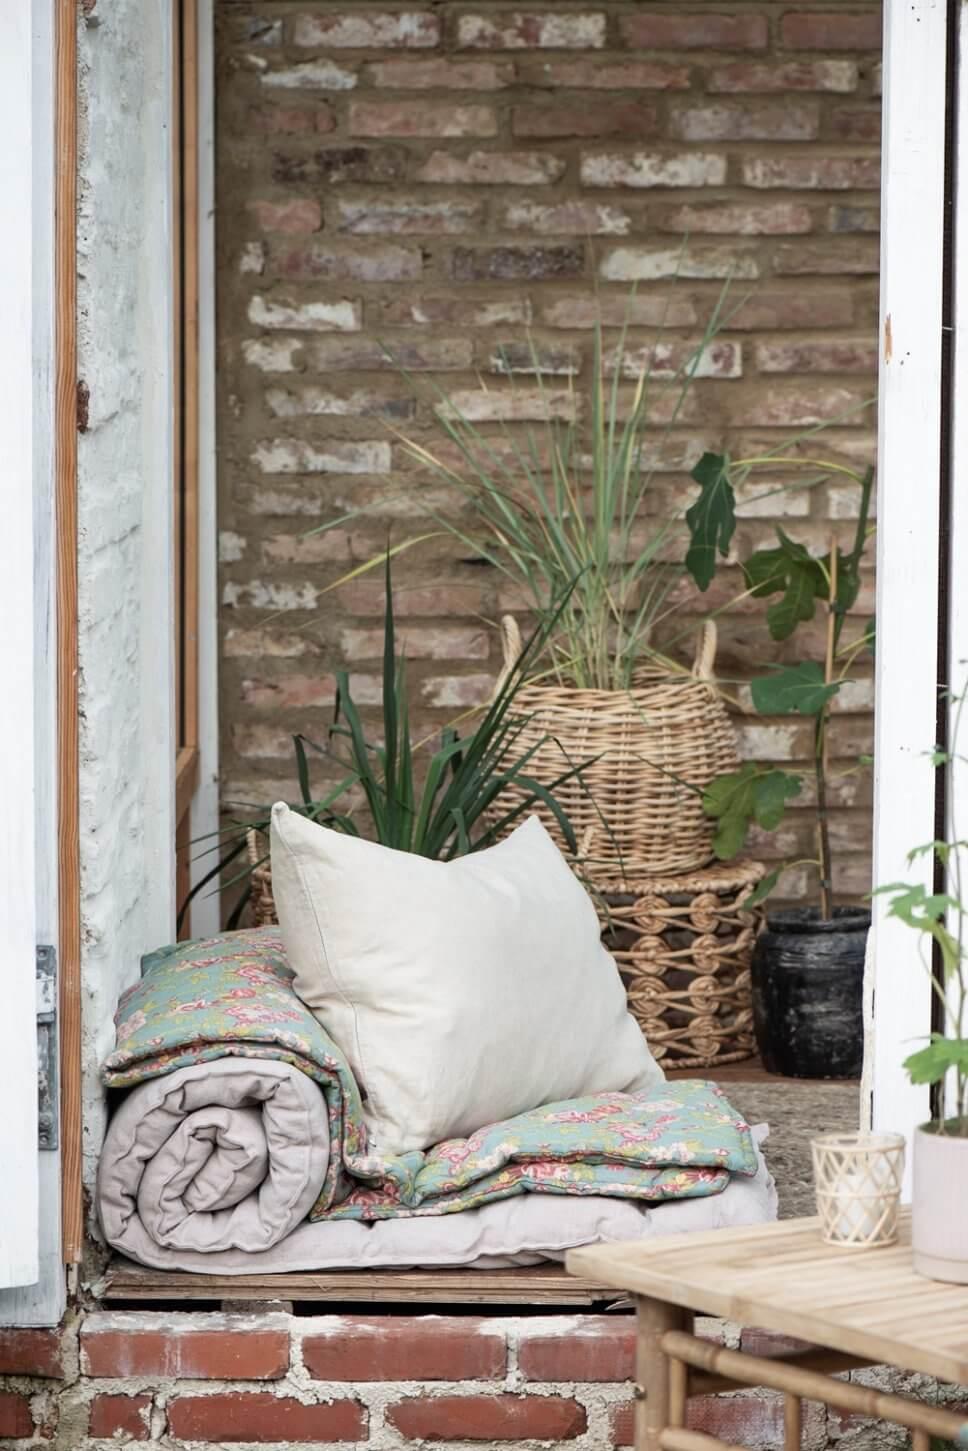 Rollmatratzen, Plaids und Kissen liegen in einem geöffneten Fenster im Backsteingebäude